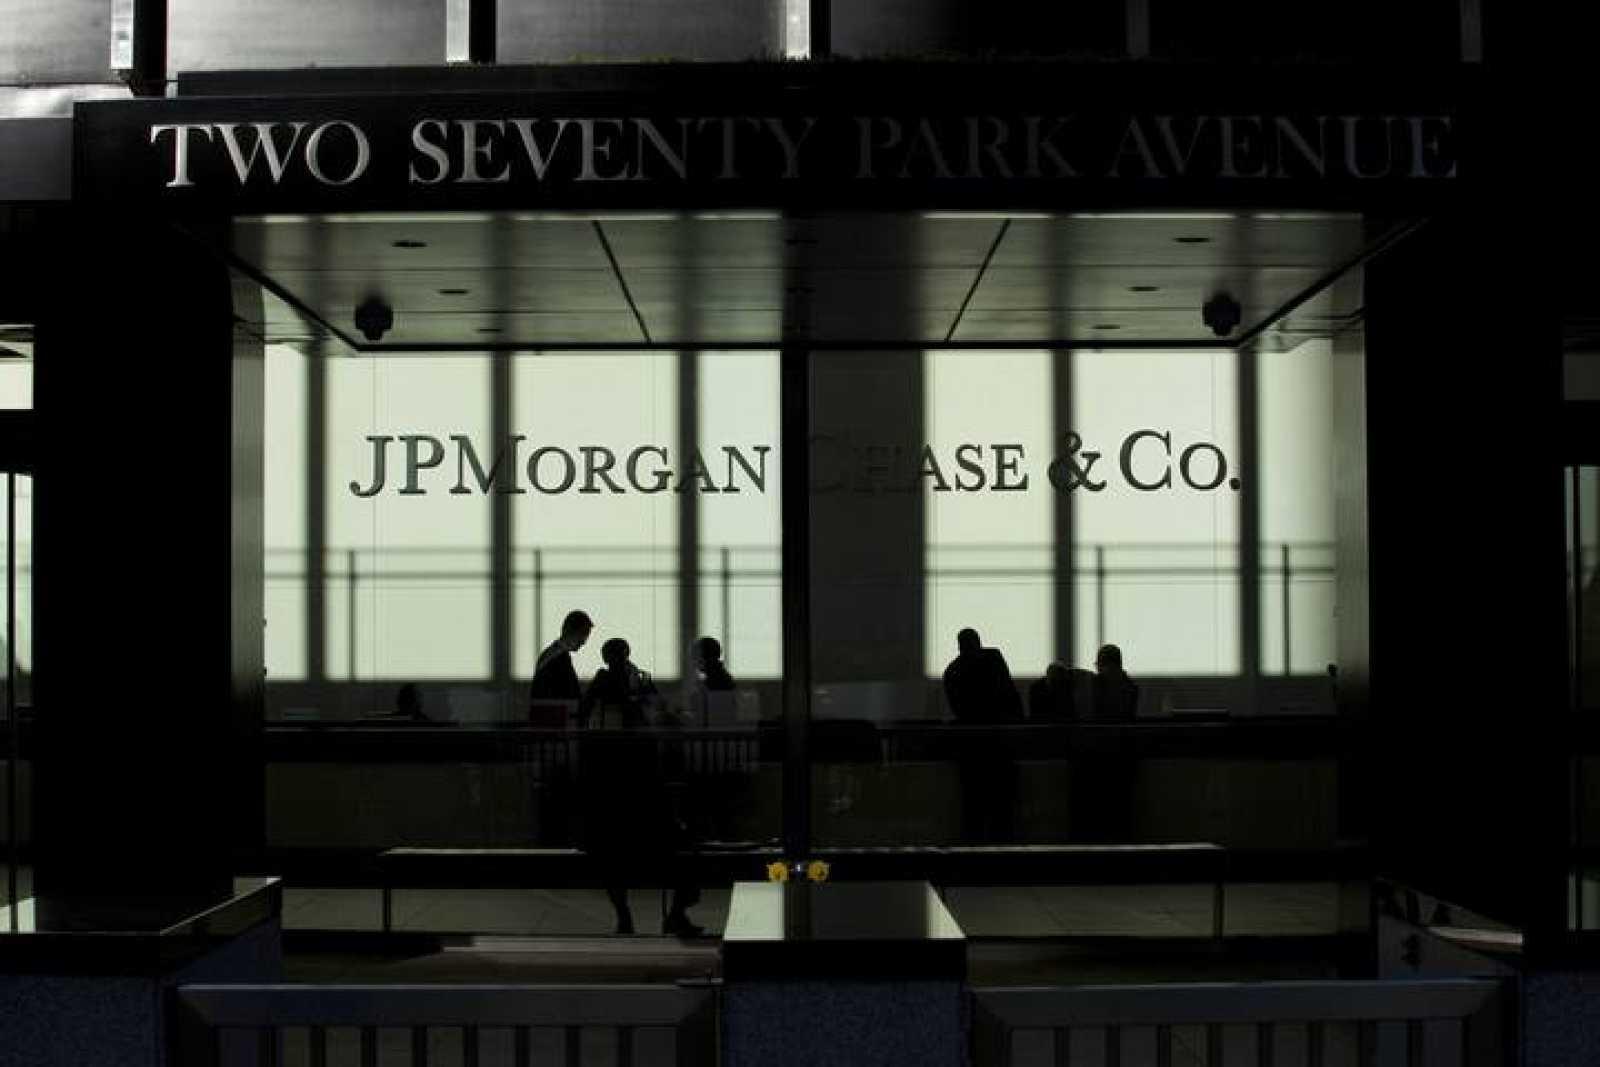 La CE ha impuesto una multa de 61,6 millones a JP Morgan